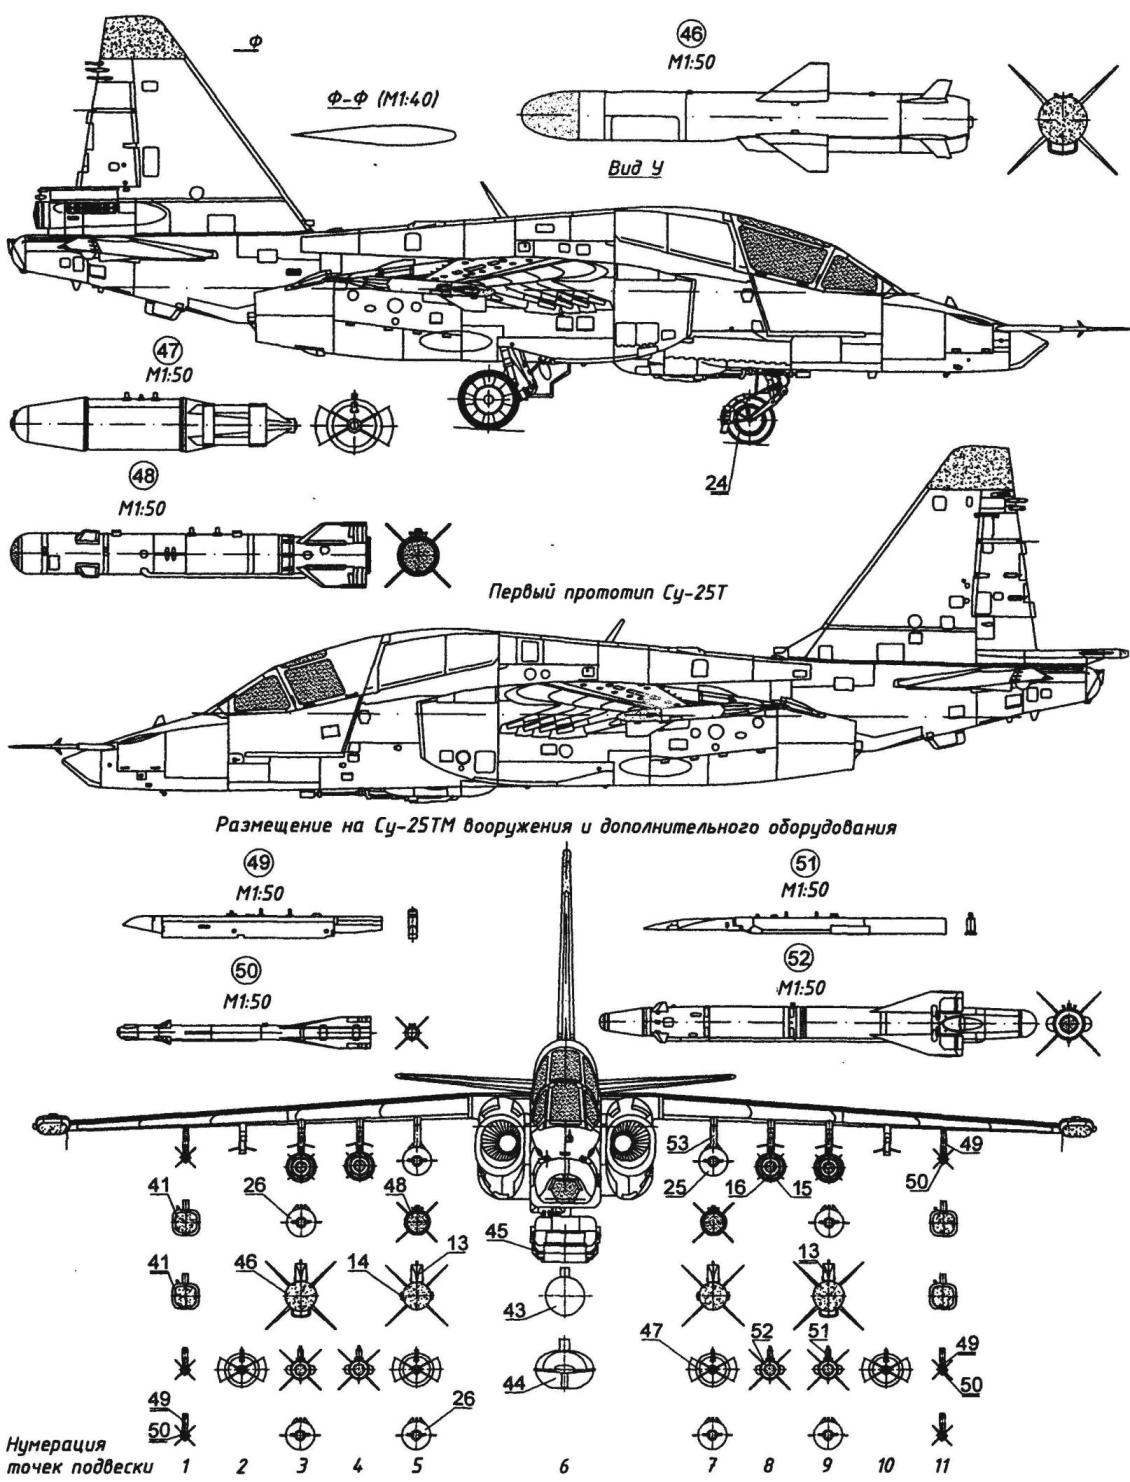 Штурмовик Су-25ТМ